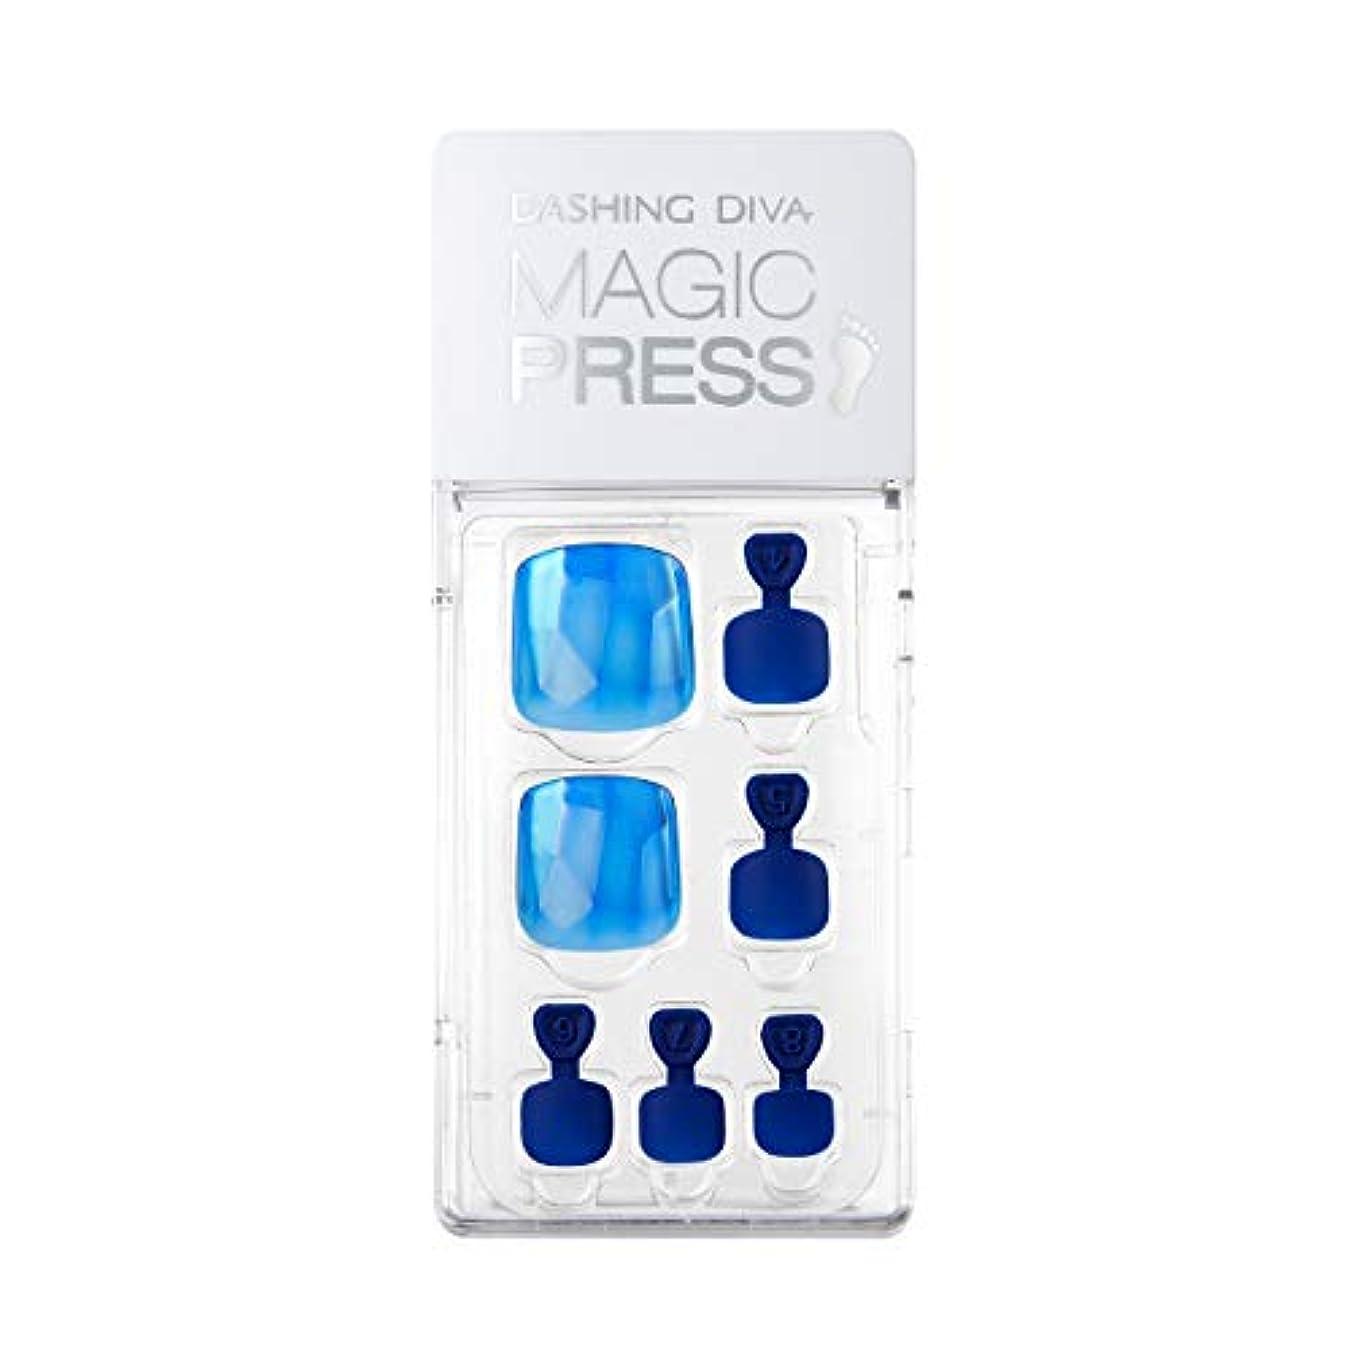 小道具厚さデザートダッシングディバ マジックプレス DASHING DIVA MagicPress MDR_362P-DURY+ オリジナルジェル ネイルチップ Blue Gem